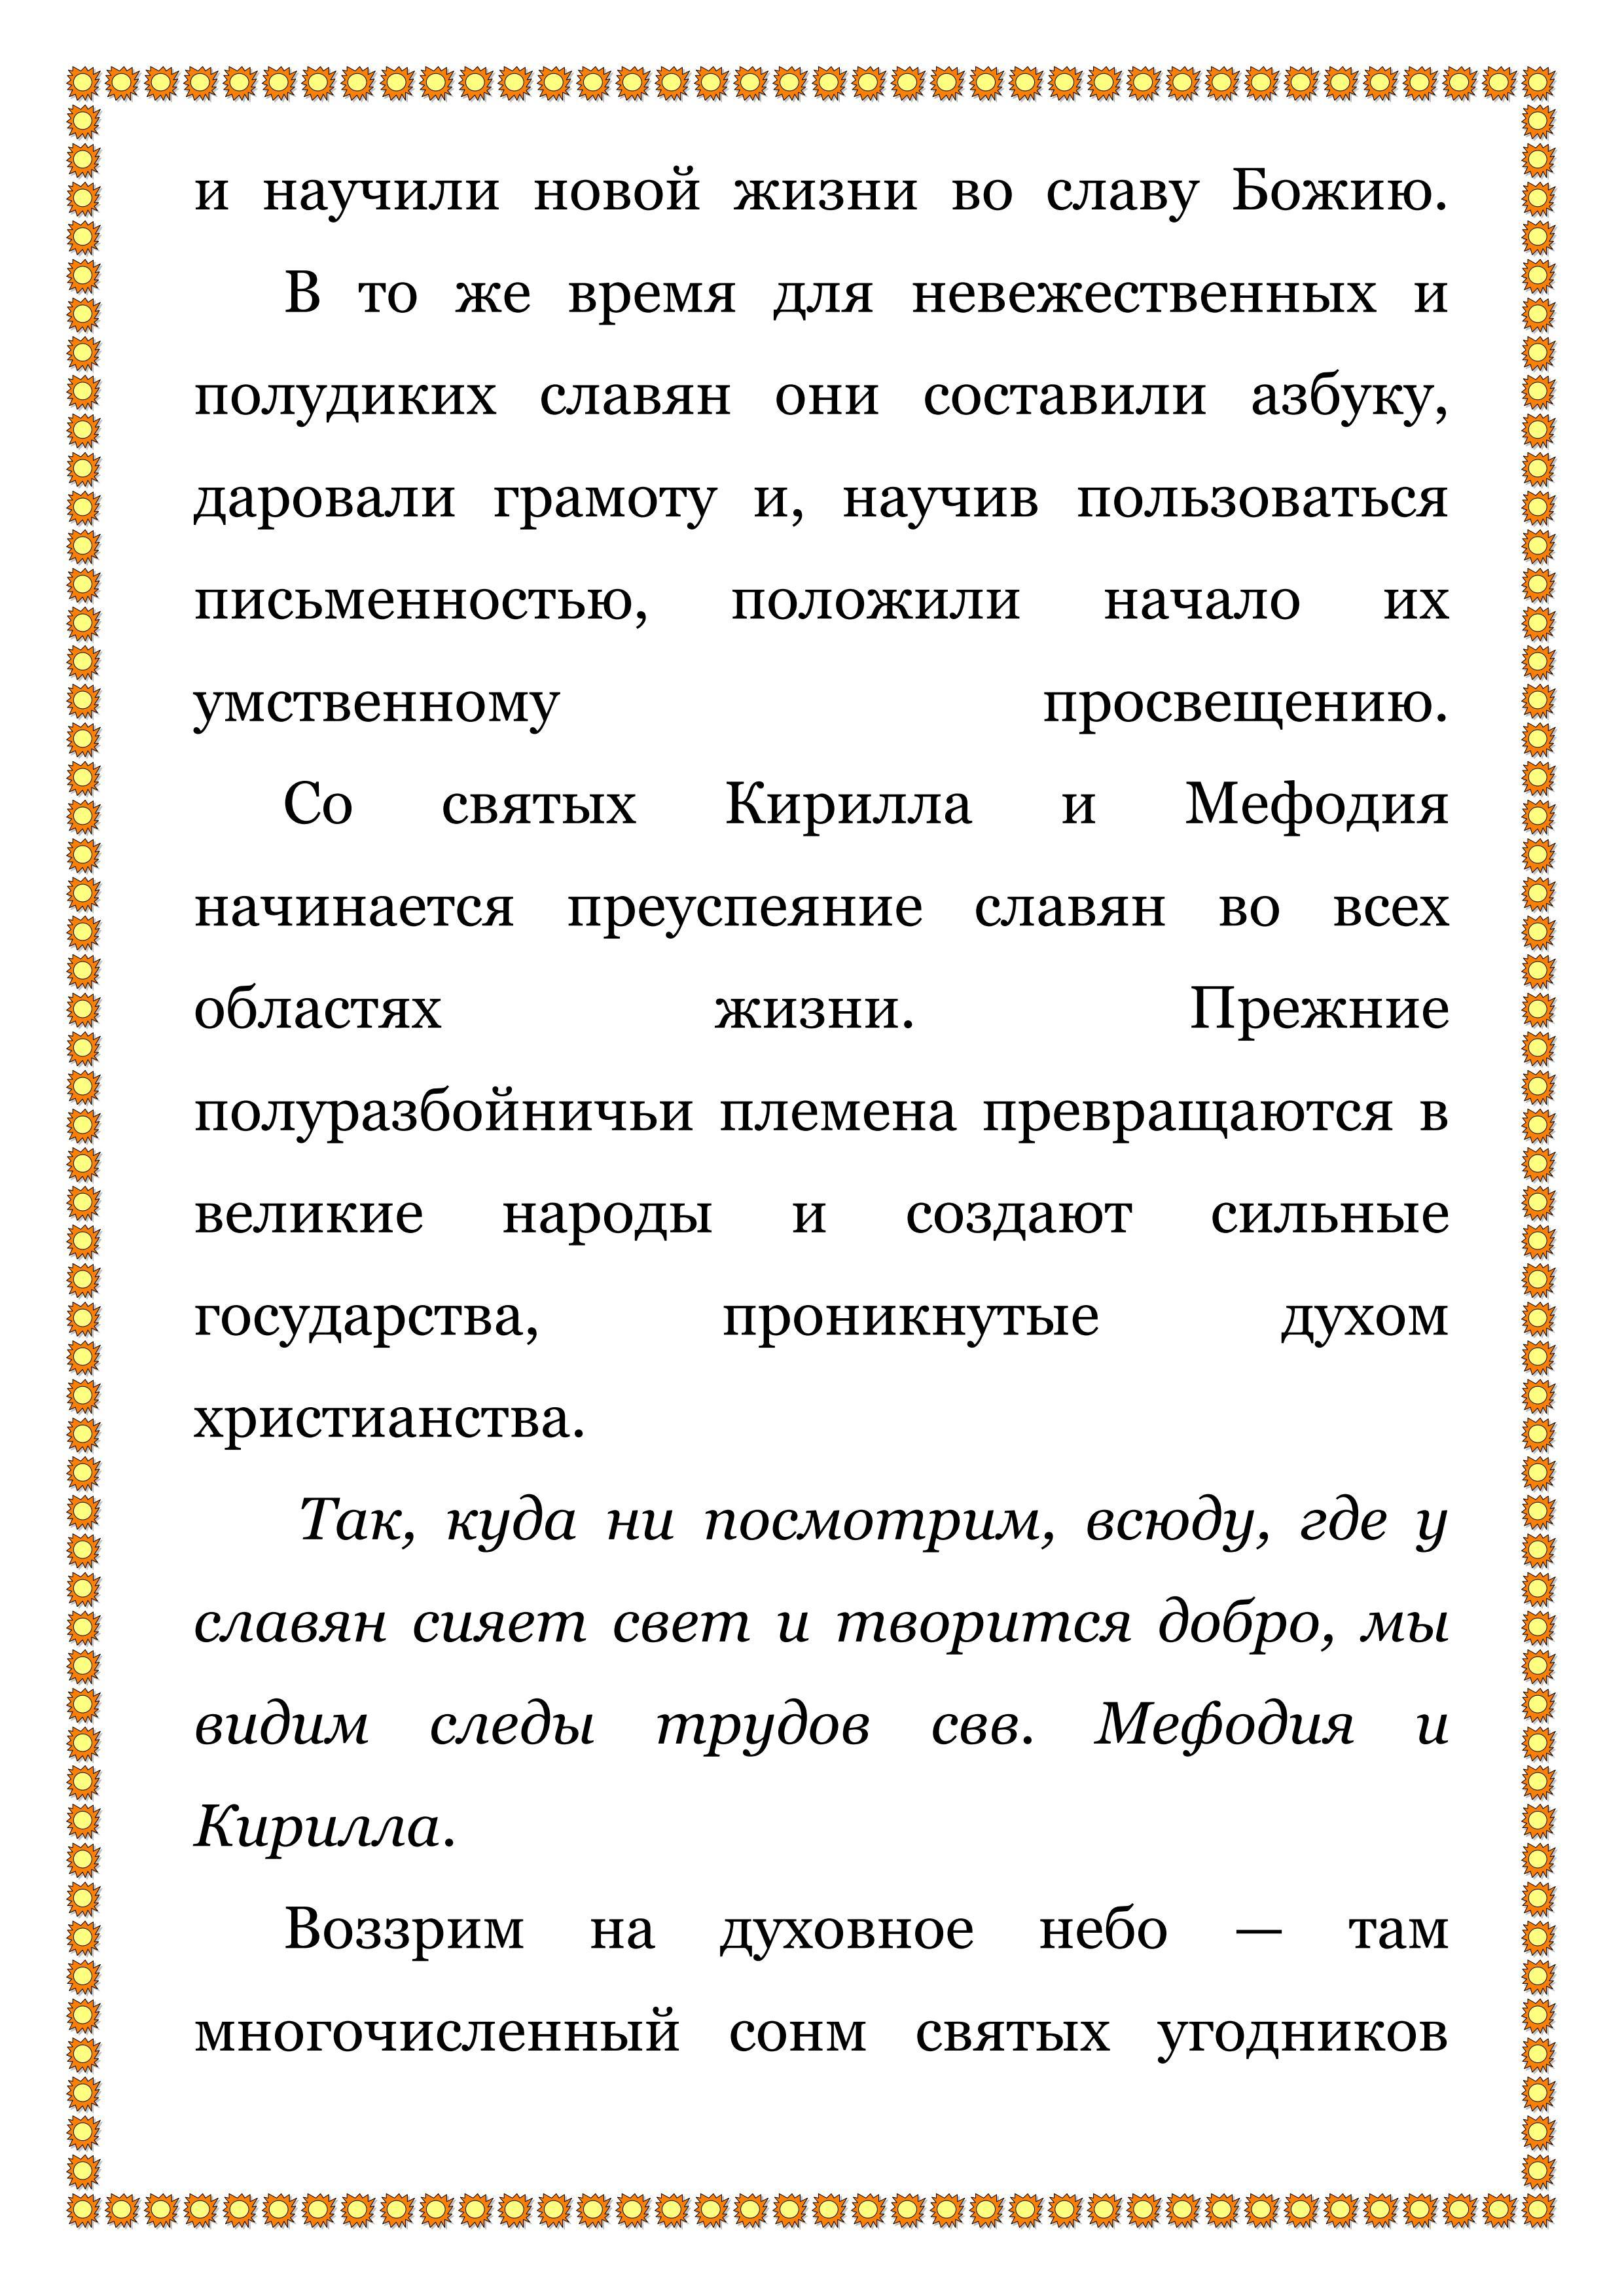 святые Кирилл и Мефодий_03